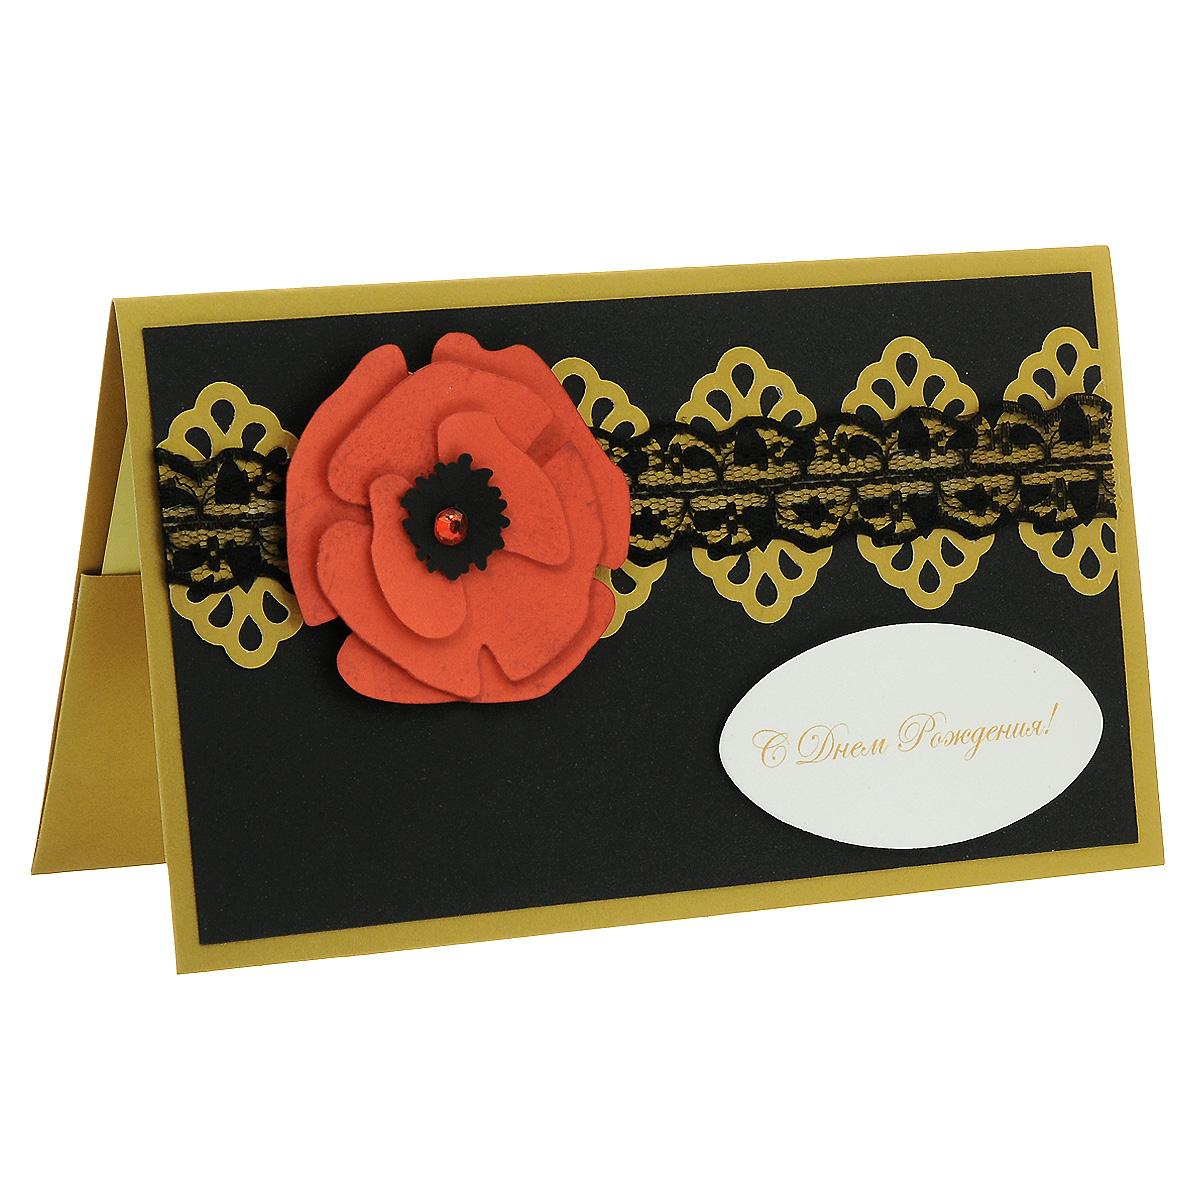 ОЖ-0018 Открытка-конверт «С Днём Рождения!» (алый мак на черном). Студия «Тётя Роза»94542Характеристики: Размер 19 см x 11 см.Материал: Высоко-художественный картон, бумага, декор. Данная открытка может стать как прекрасным дополнением к вашему подарку, так и самостоятельным подарком. Так как открытка является и конвертом, в который вы можете вложить ваш денежный подарок или просто написать ваши пожелания на вкладыше. Благородноеи очень торжественное сочетание черных,красных и золотых цветов придает этой открытке изысканный стиль. Стилизованный цветок мака вырезан и затонирован вручную. В декоре использовано черное капроновое кружево и блестящий стразик. Также открытка упакована в пакетик для сохранности.Обращаем Ваше внимание на то, что открытка может незначительно отличаться от представленной на фото.Открытки ручной работы от студии Тётя Роза отличаются своим неповторимым и ярким стилем. Каждая уникальна и выполнена вручную мастерами студии. (Открытка для мужчин, открытка для женщины, открытка на день рождения, открытка с днем свадьбы, открытка винтаж, открытка с юбилеем, открытка на все случаи, скрапбукинг)